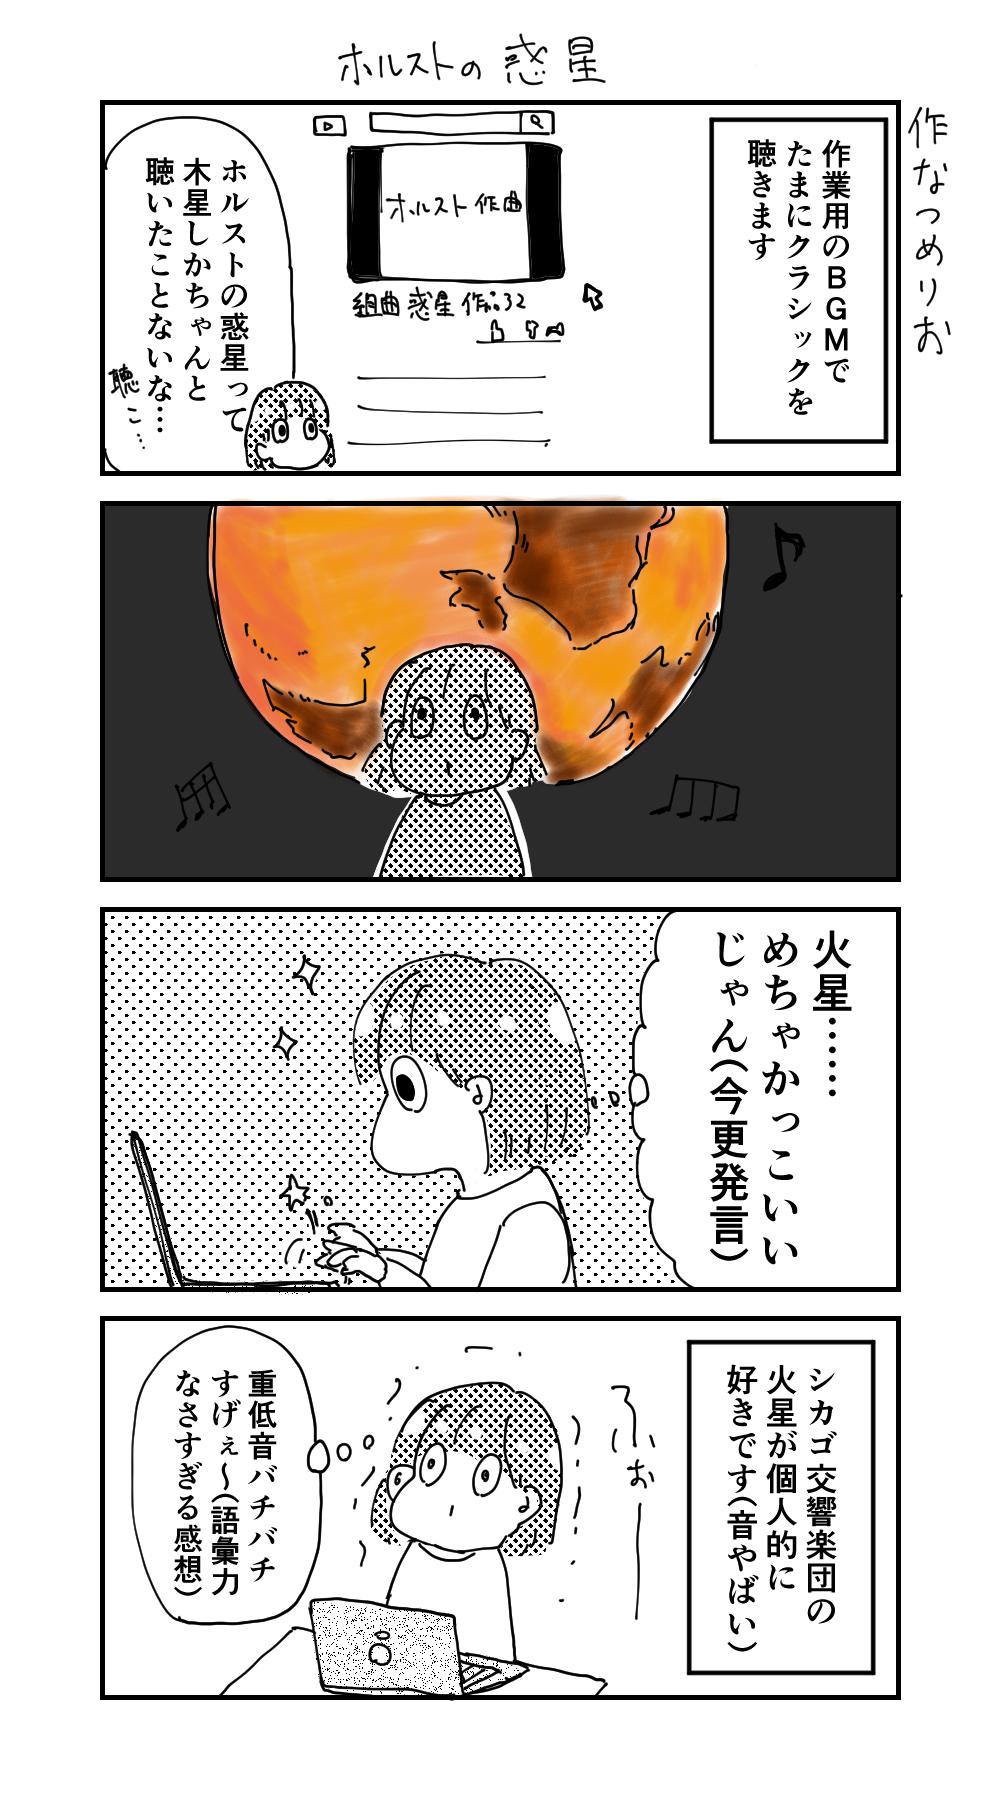 火星 ホルスト